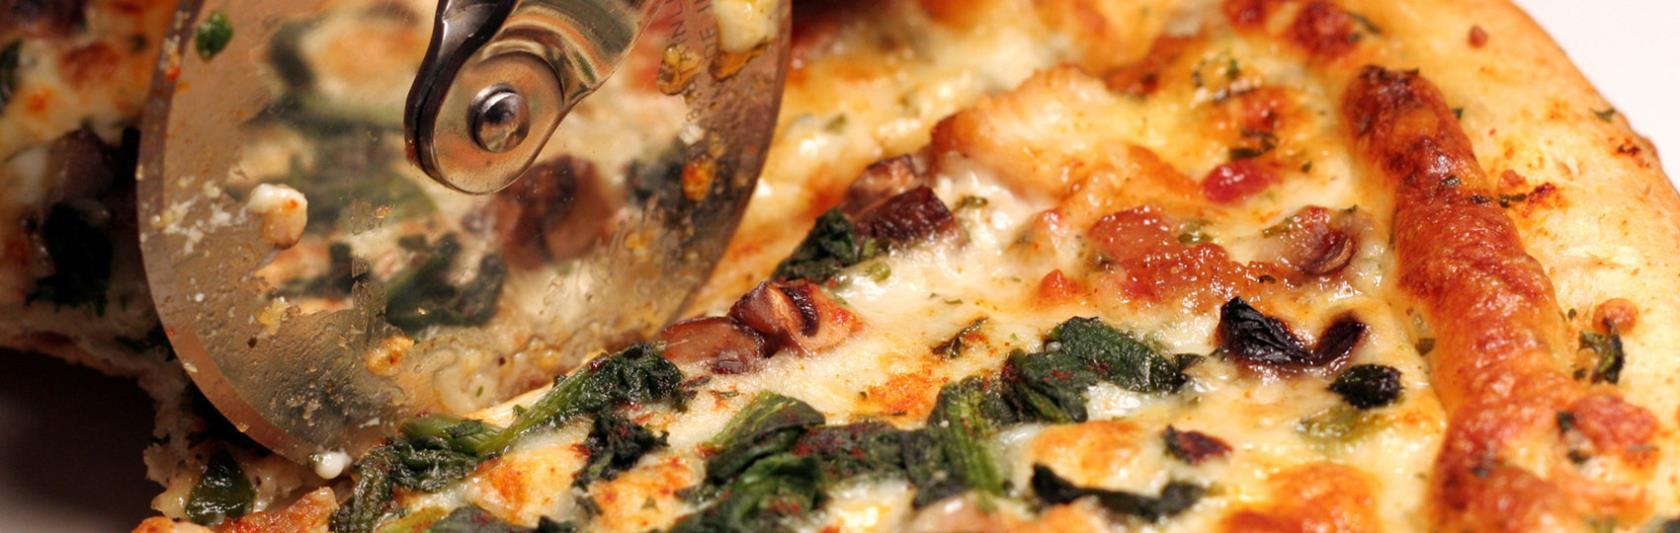 Pizza classica al metro e al trancio Pizzeria Tarek OK